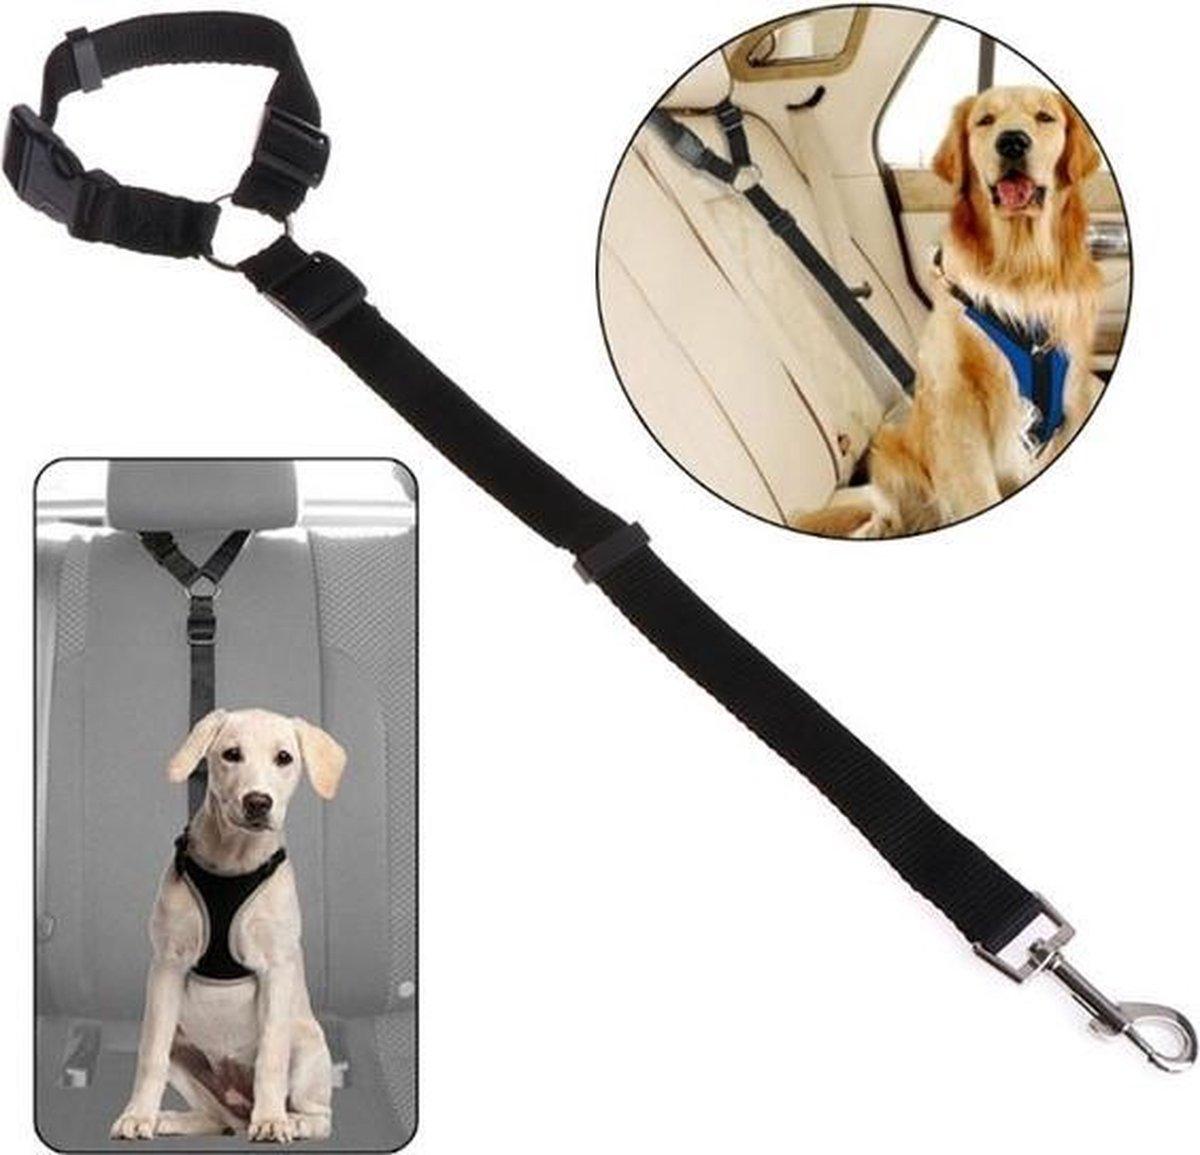 Autogordel Voor Hond - Hondengordel voor in de Auto – Verstelbare Hondengordel - Veiligheid Voor Hon